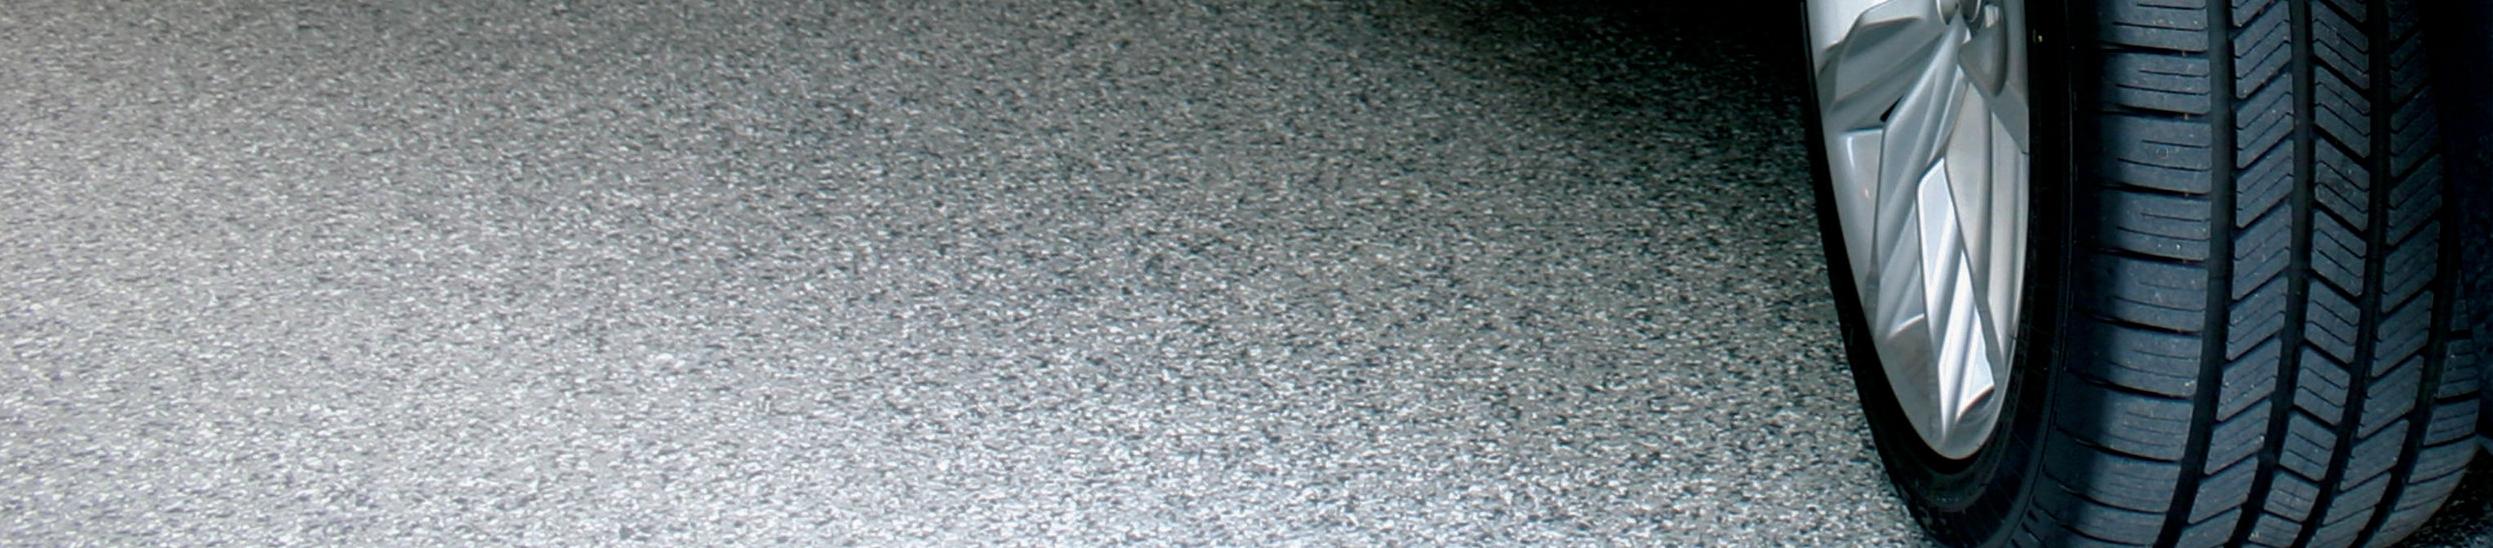 Copy of wheel image.jpg